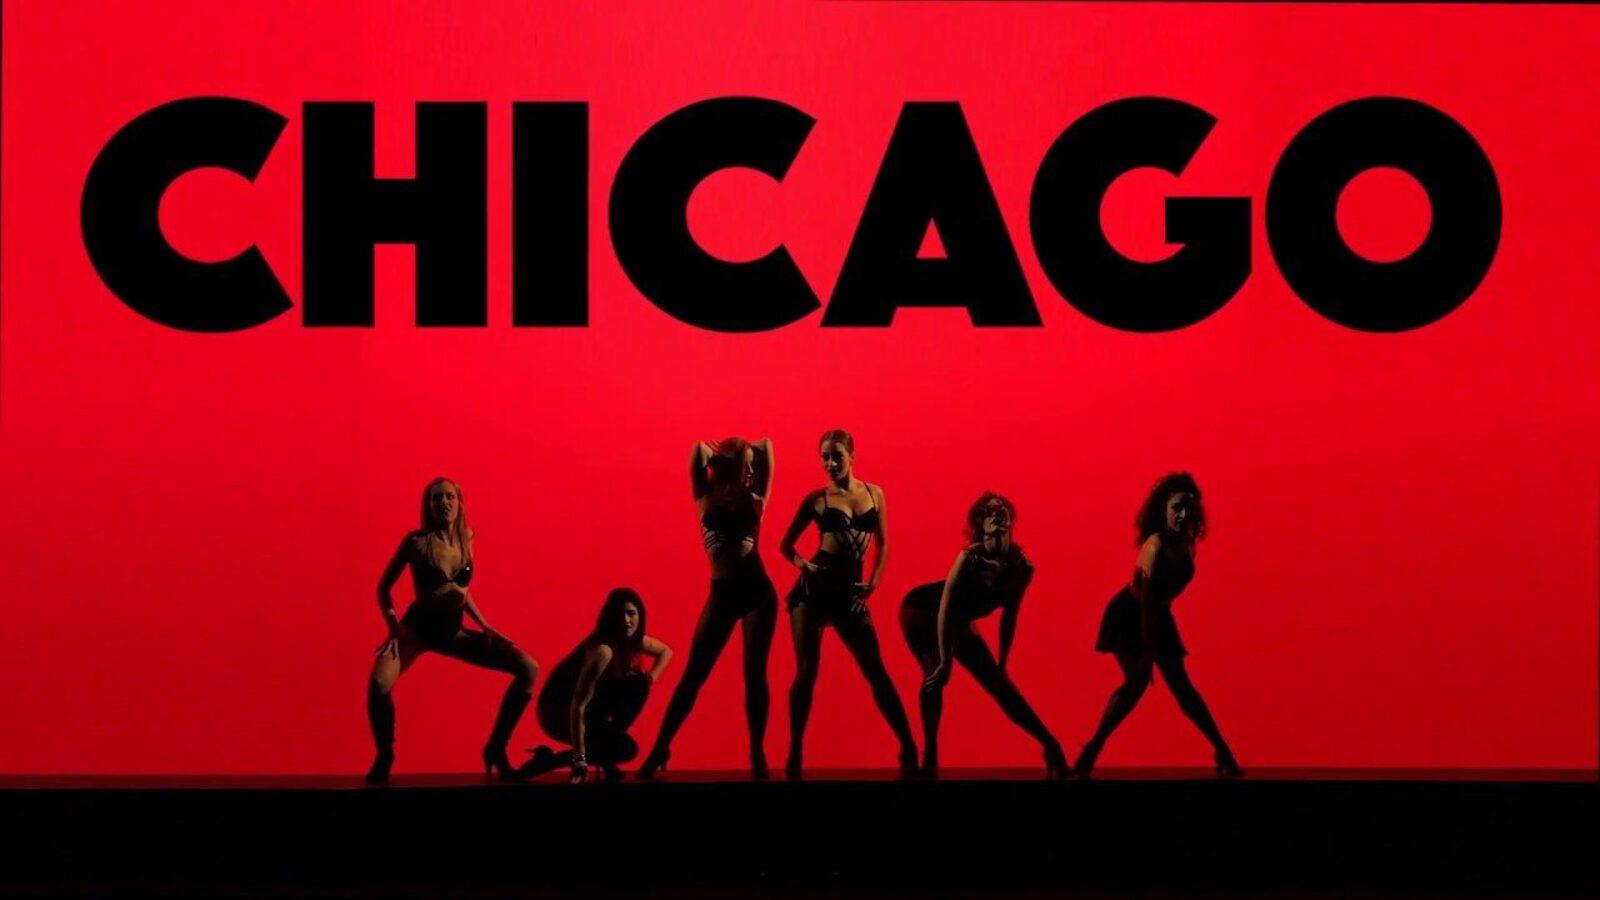 CHICAGO, das erfolgreiche Broadway-Musical, 27.06.-15.07., First Stage Theater